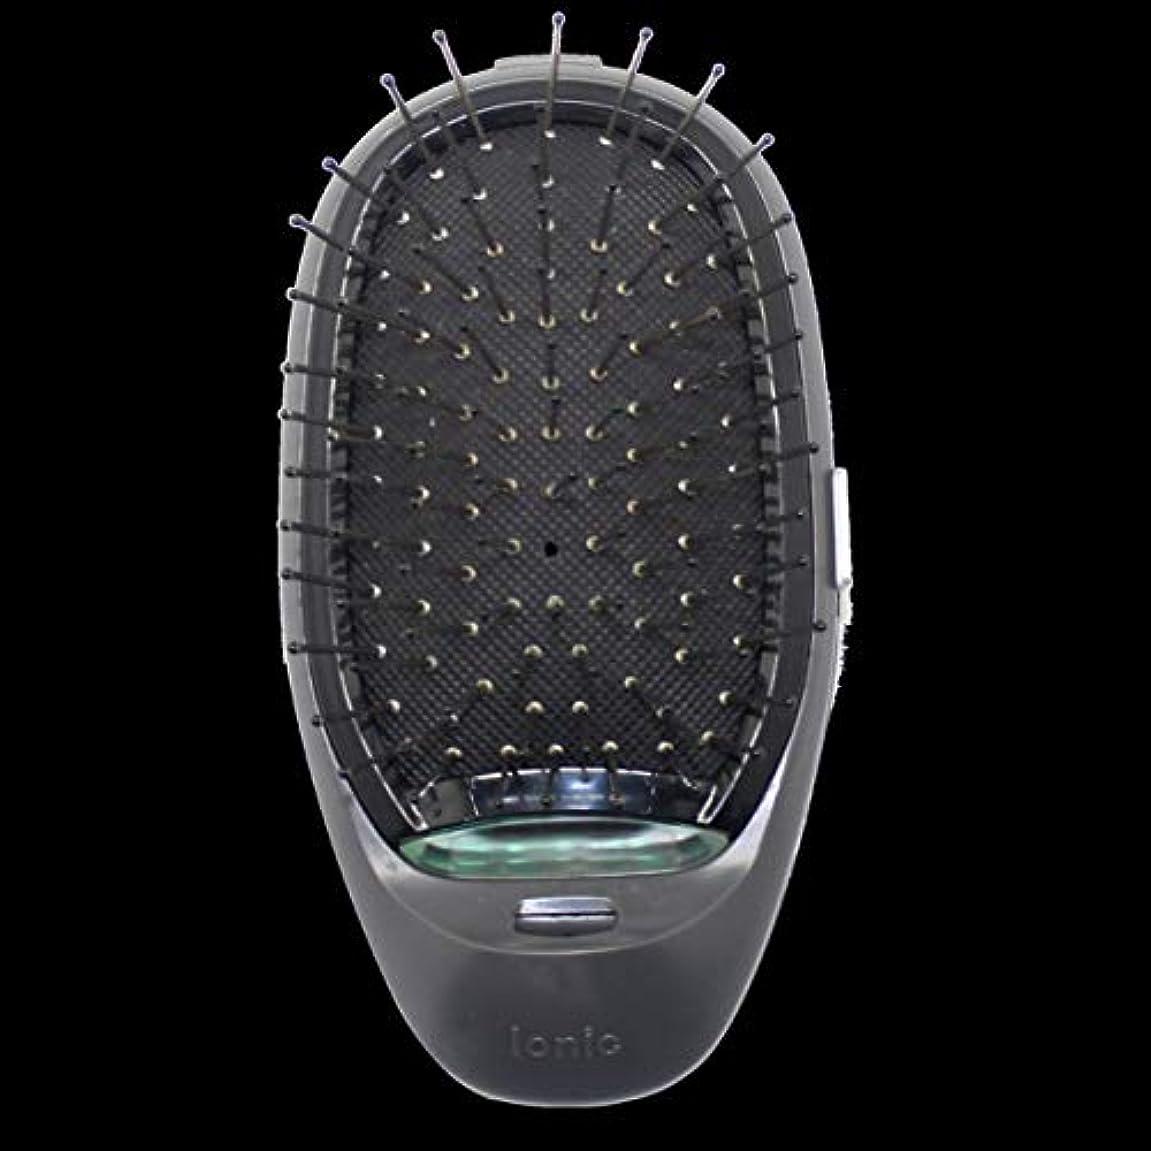 取り替えるレールヘクタール電動マッサージヘアブラシミニマイナスイオンヘアコム3Dインフレータブルコーム帯電防止ガールズヘアブラシ電池式 - ブラック